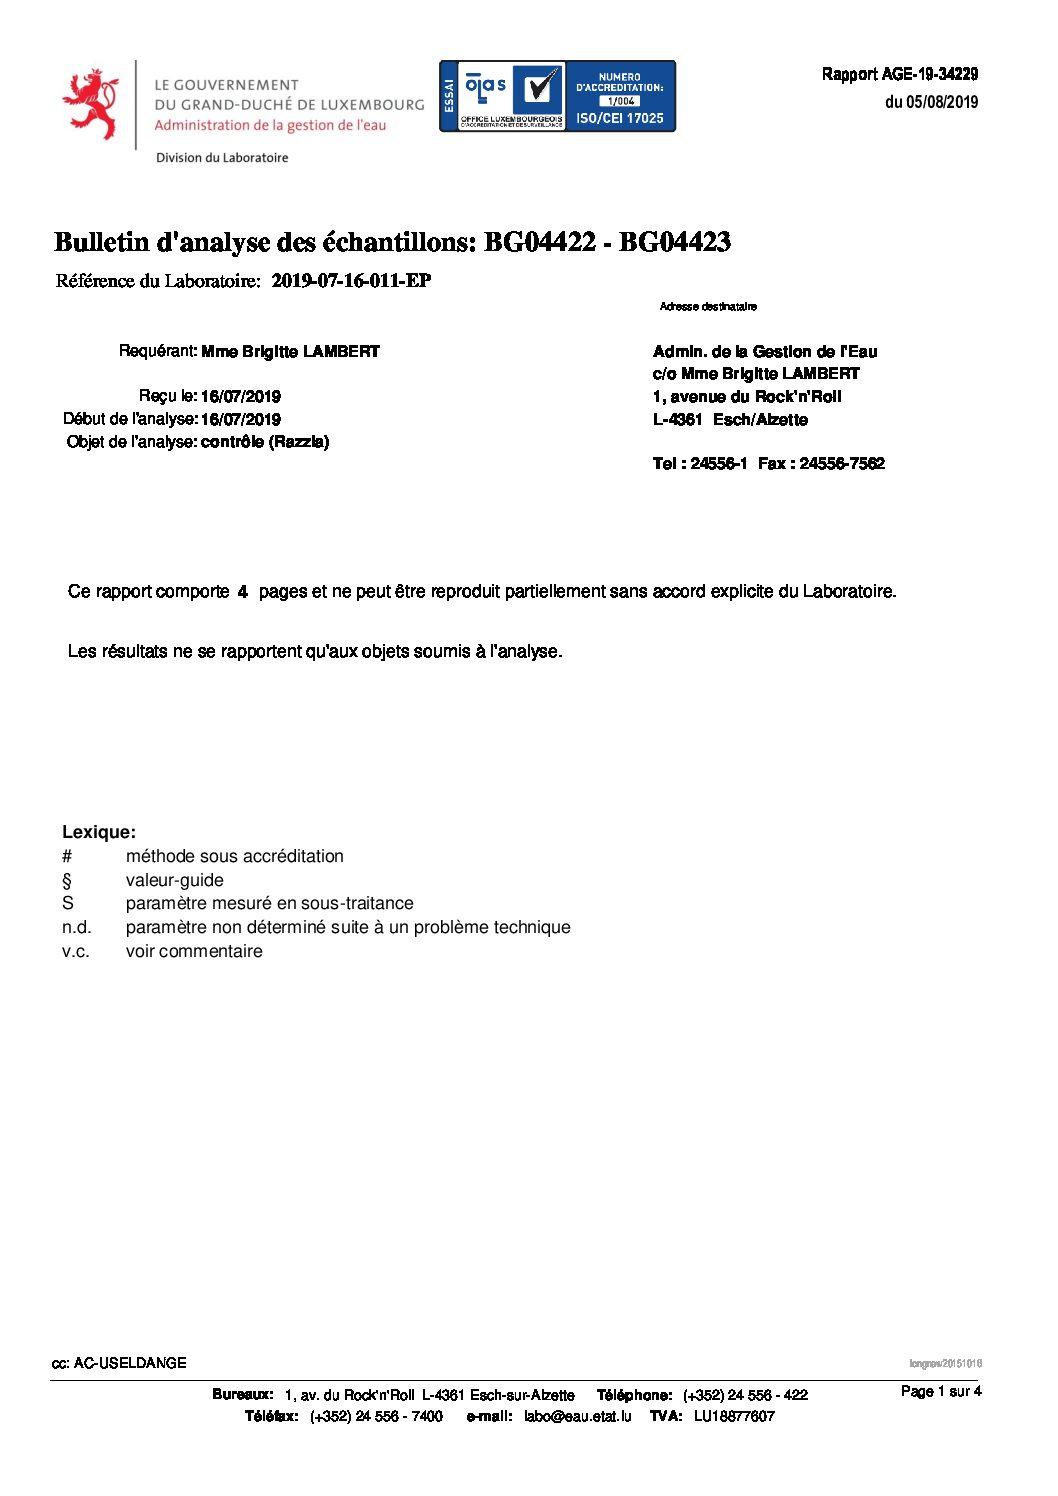 Bulletin d'analyse de l'Administration de la Gestion d'Eau